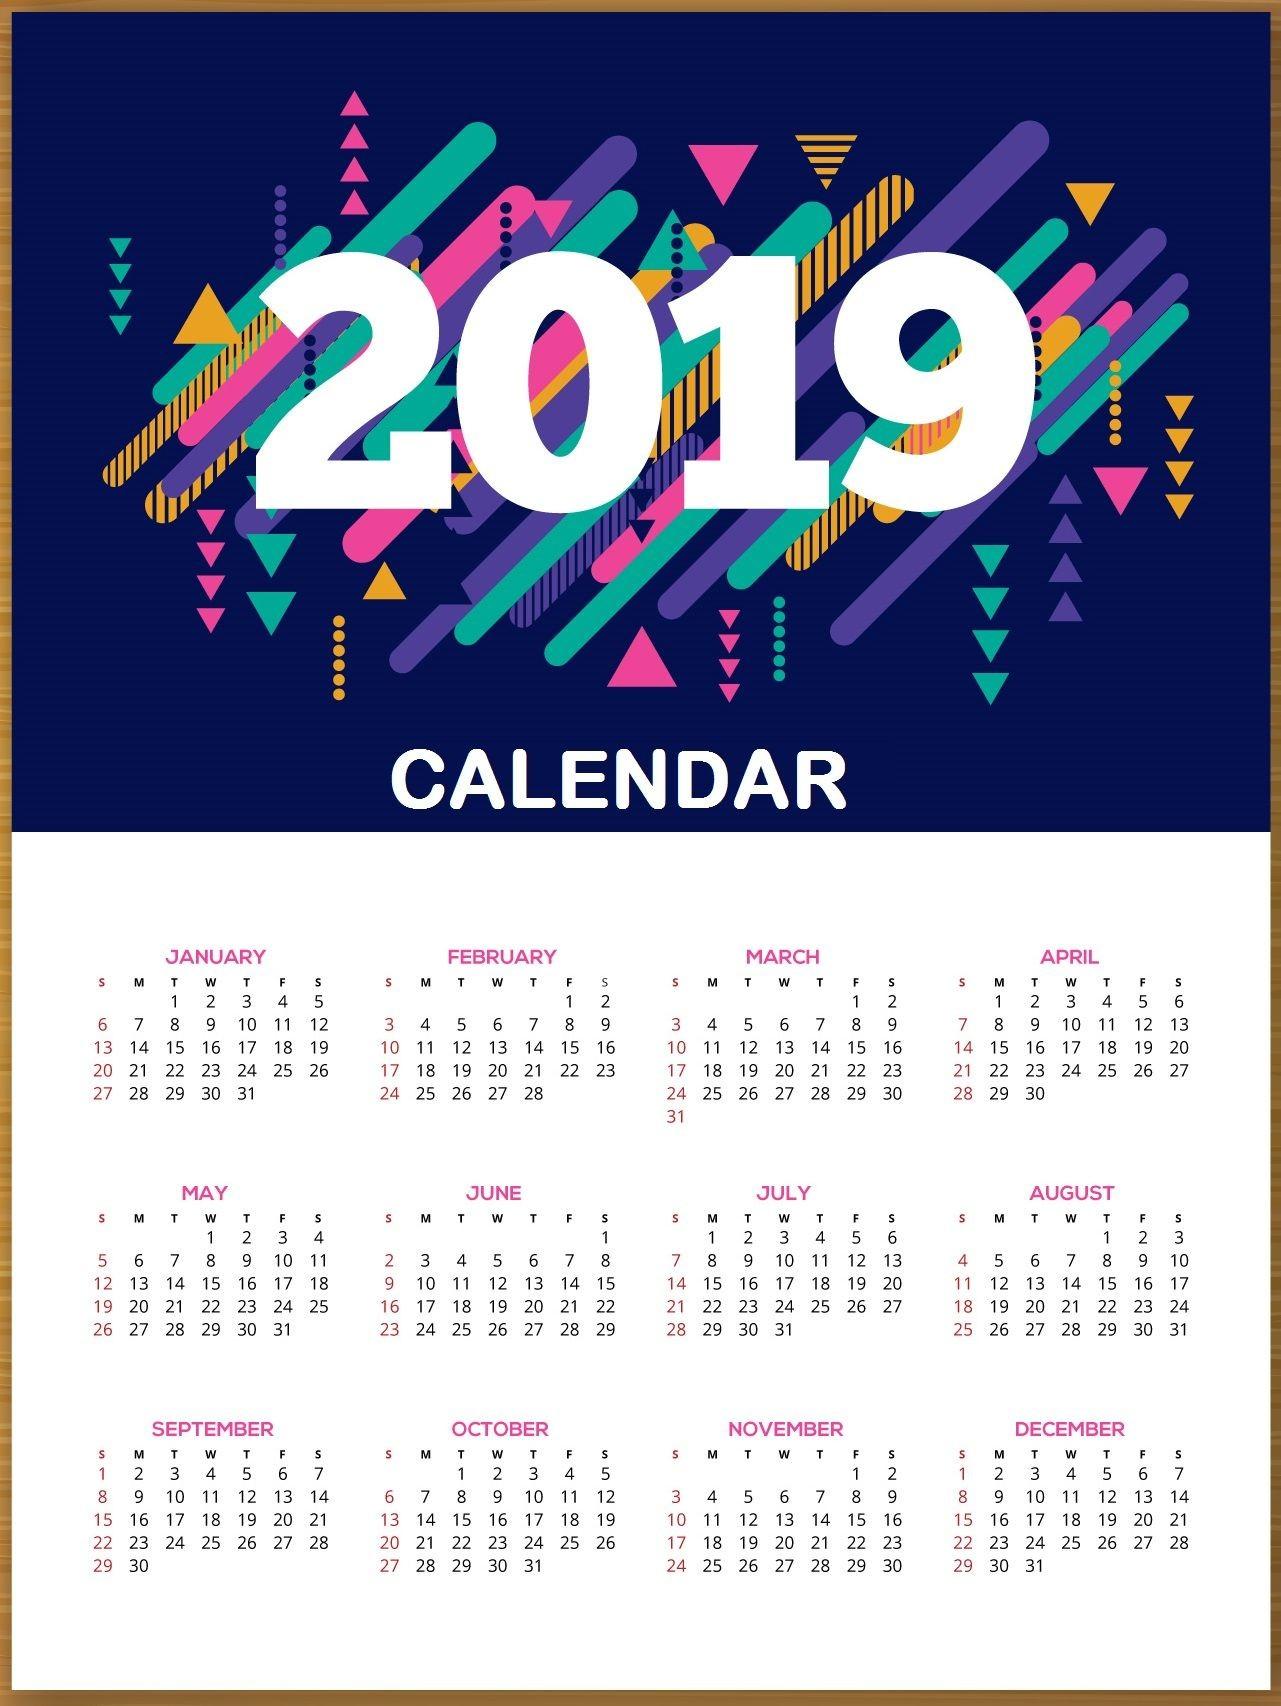 Calendario 2019 Para Imprimir Word Más Populares 2019 Hd Calendar Printable 2019calendar Printablecalendar Of Calendario 2019 Para Imprimir Word Más Actual 2015 2016 2017 Calendar 4 Three Year Printable Pdf Calendars